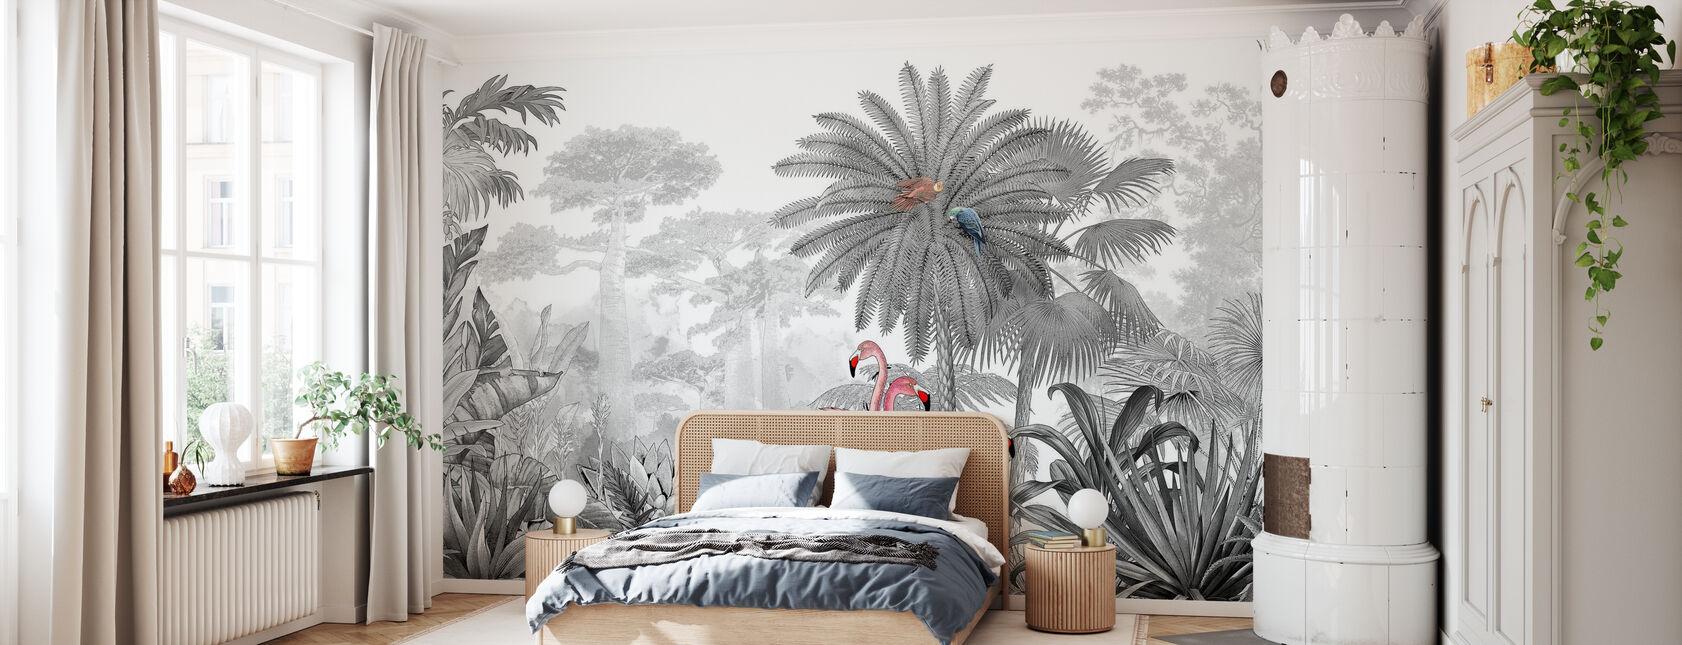 Tropical Flamingos - Wallpaper - Bedroom